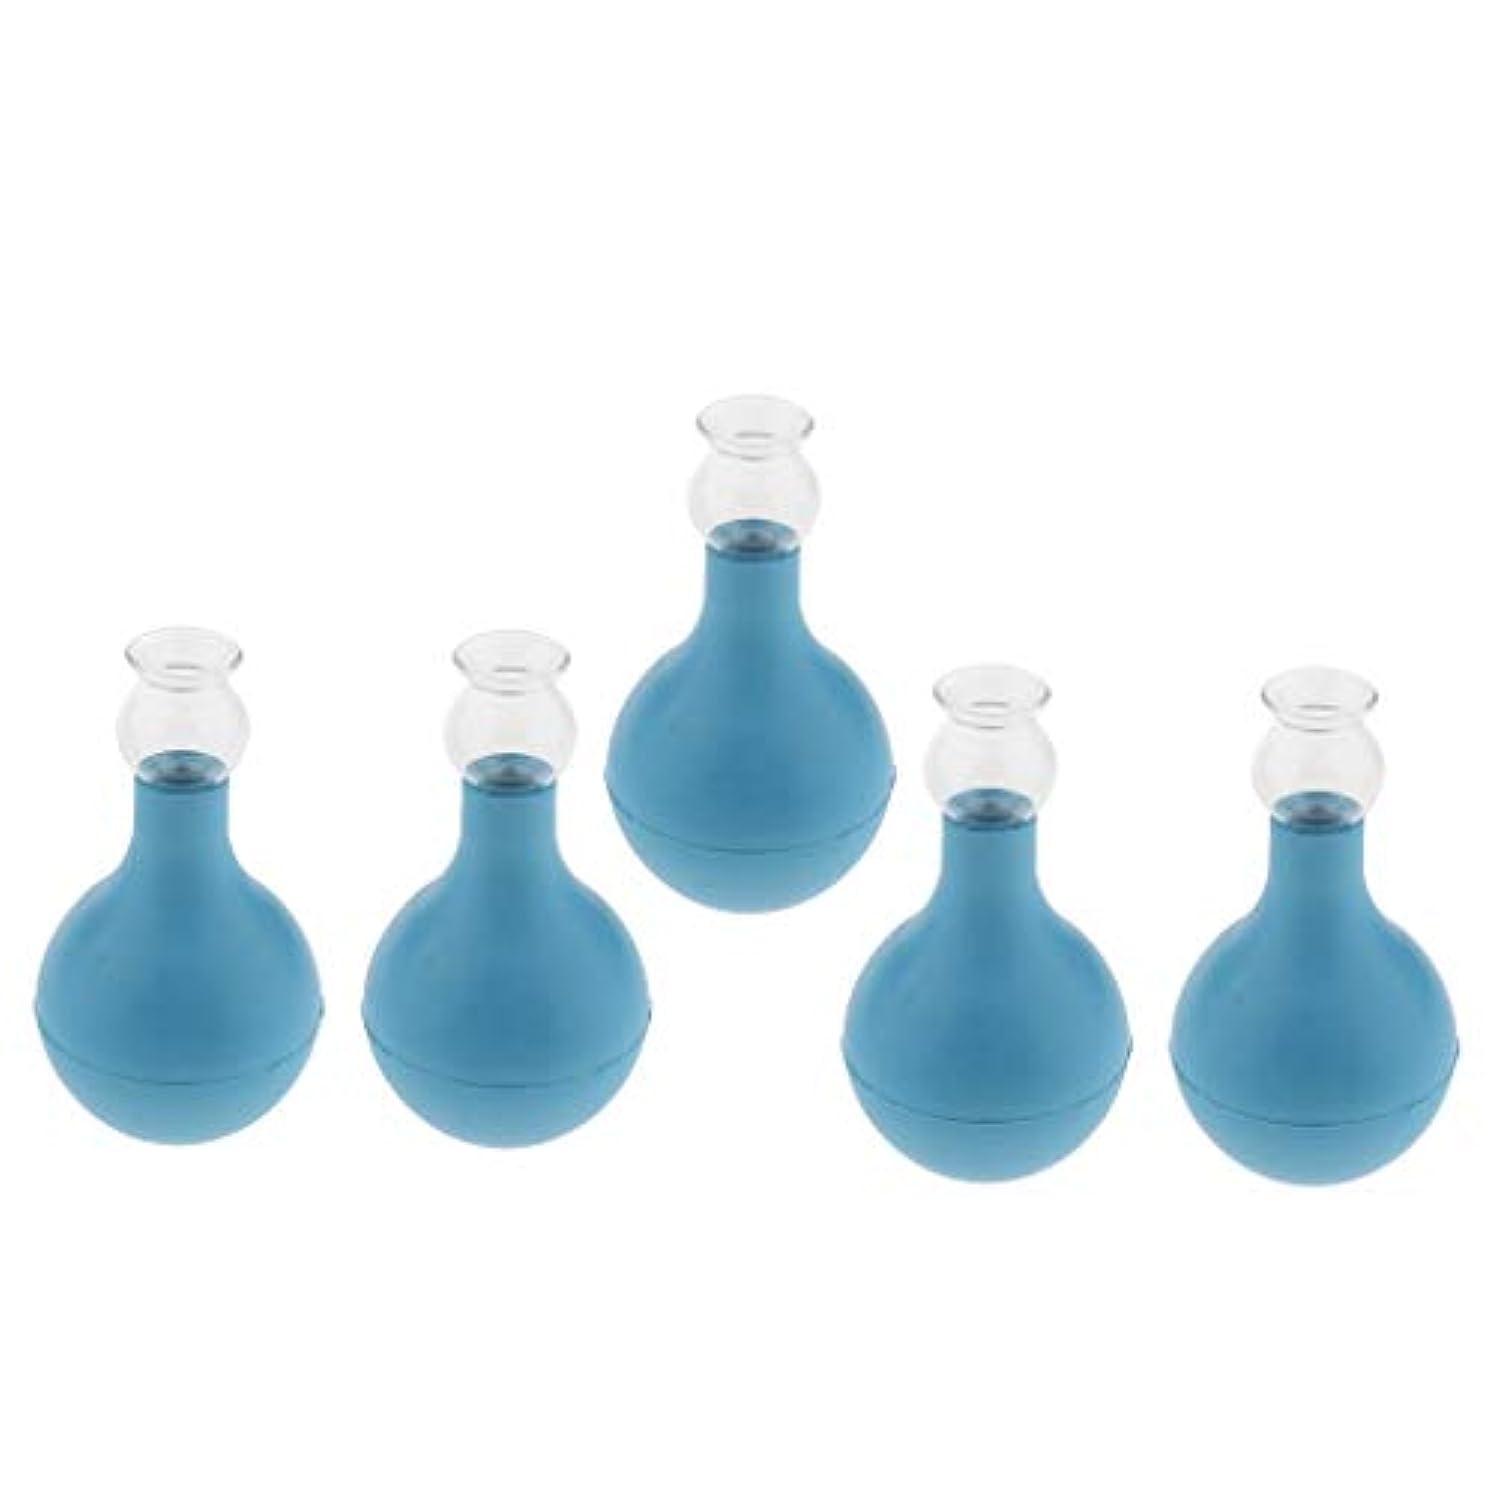 5個 セルライト対策 カッピング ガラス/シリコン マッサージ吸い玉 使いやすい 腫脹緩和 2種選ぶ - ブルー+ブルー2cm, 2cm